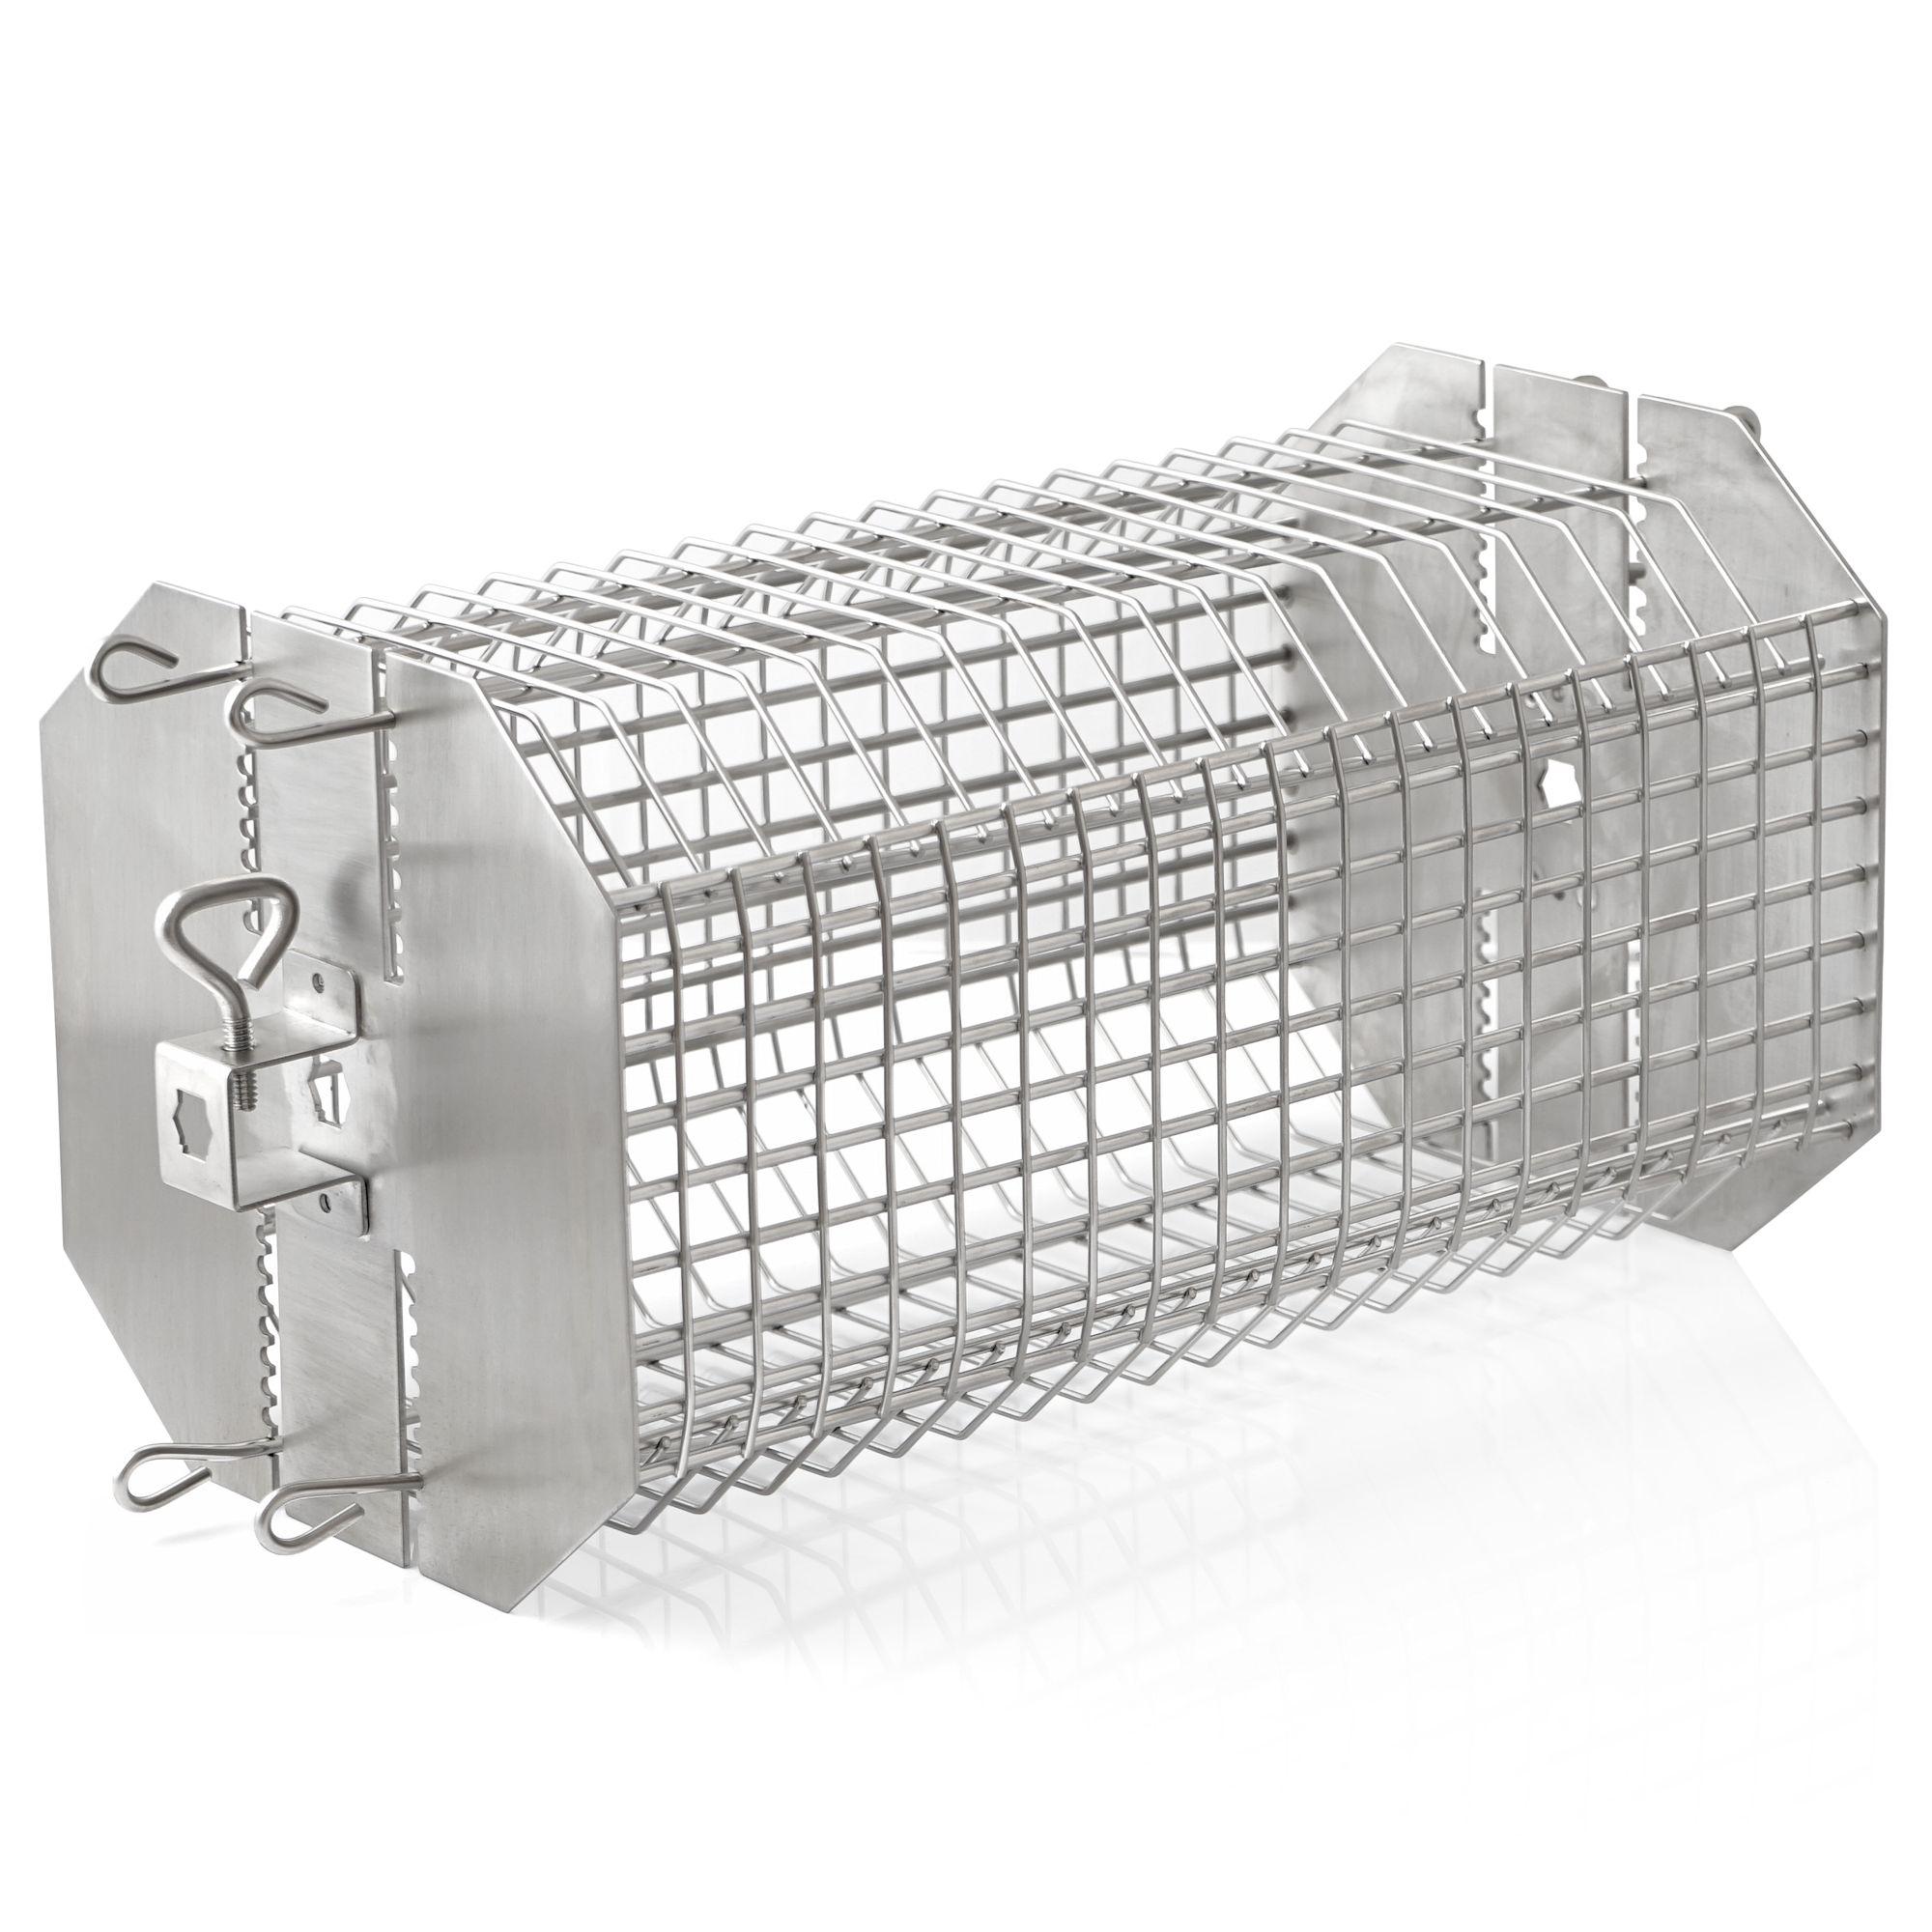 BBQ-Toro Rotisserie Grillkorb für Drehspieß Edelstahl Bratenkorb verstellbar